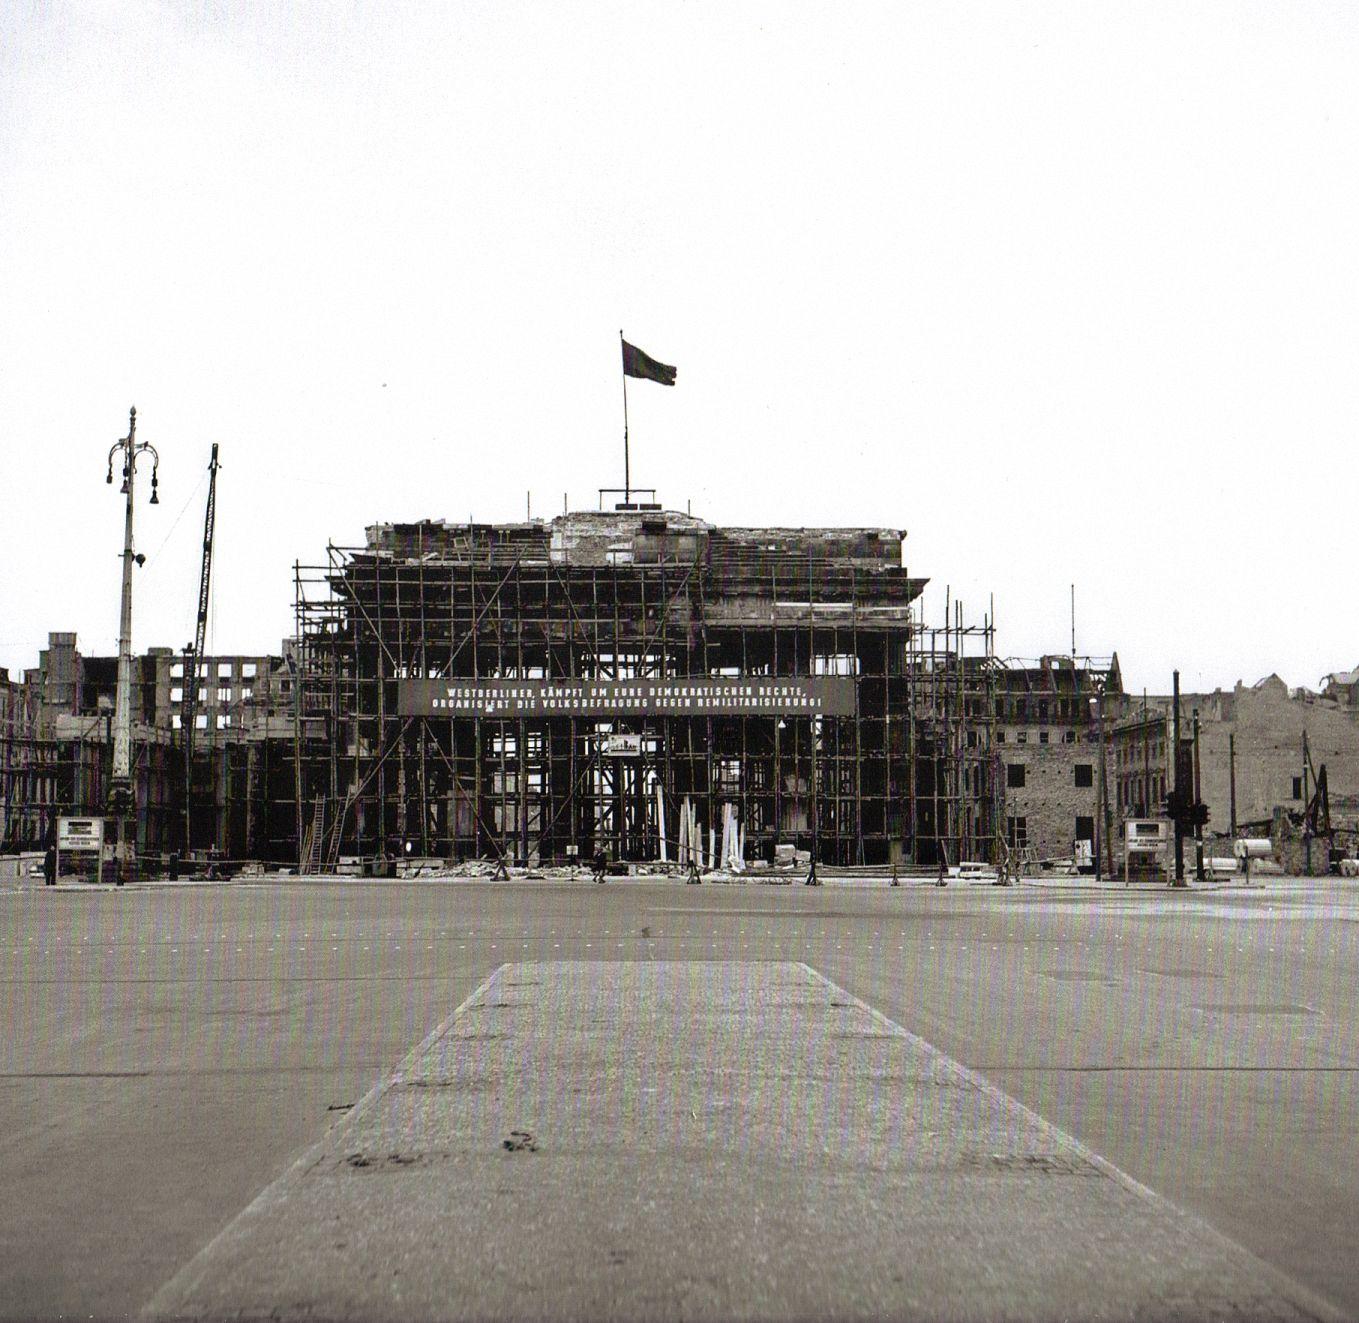 Ernst Hahn Berlin Brandenburger Tor Fur Die Sanierung Eingerustet 1950 Berlin Geschichte Brandenburger Tor Berlin Reisebilder